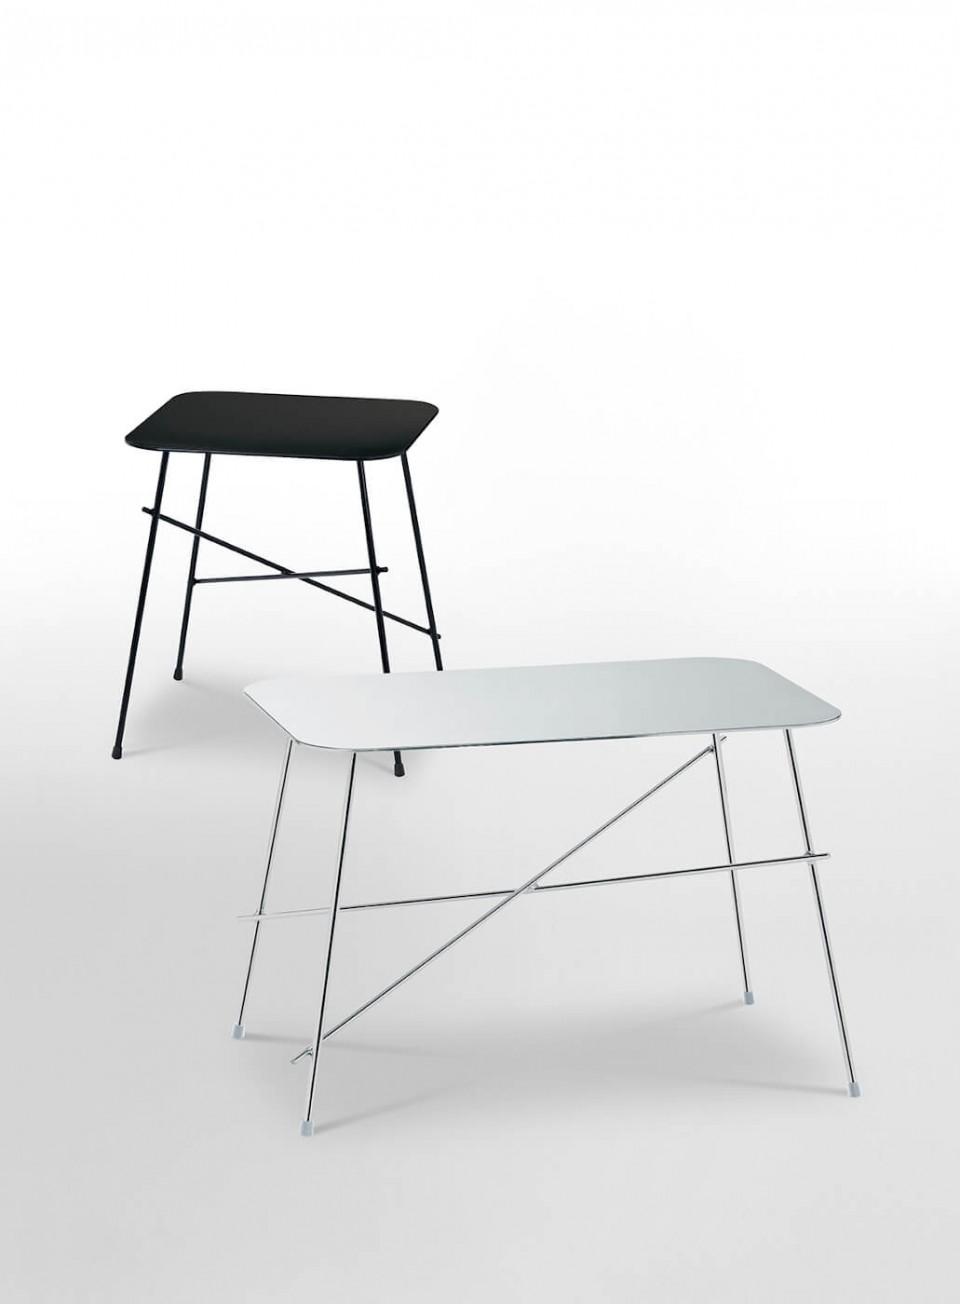 Tavolino Walter in versione quadrata di colore nero e nella versione rettangolare con gambe in metallo cromato e piano in acciaio inox